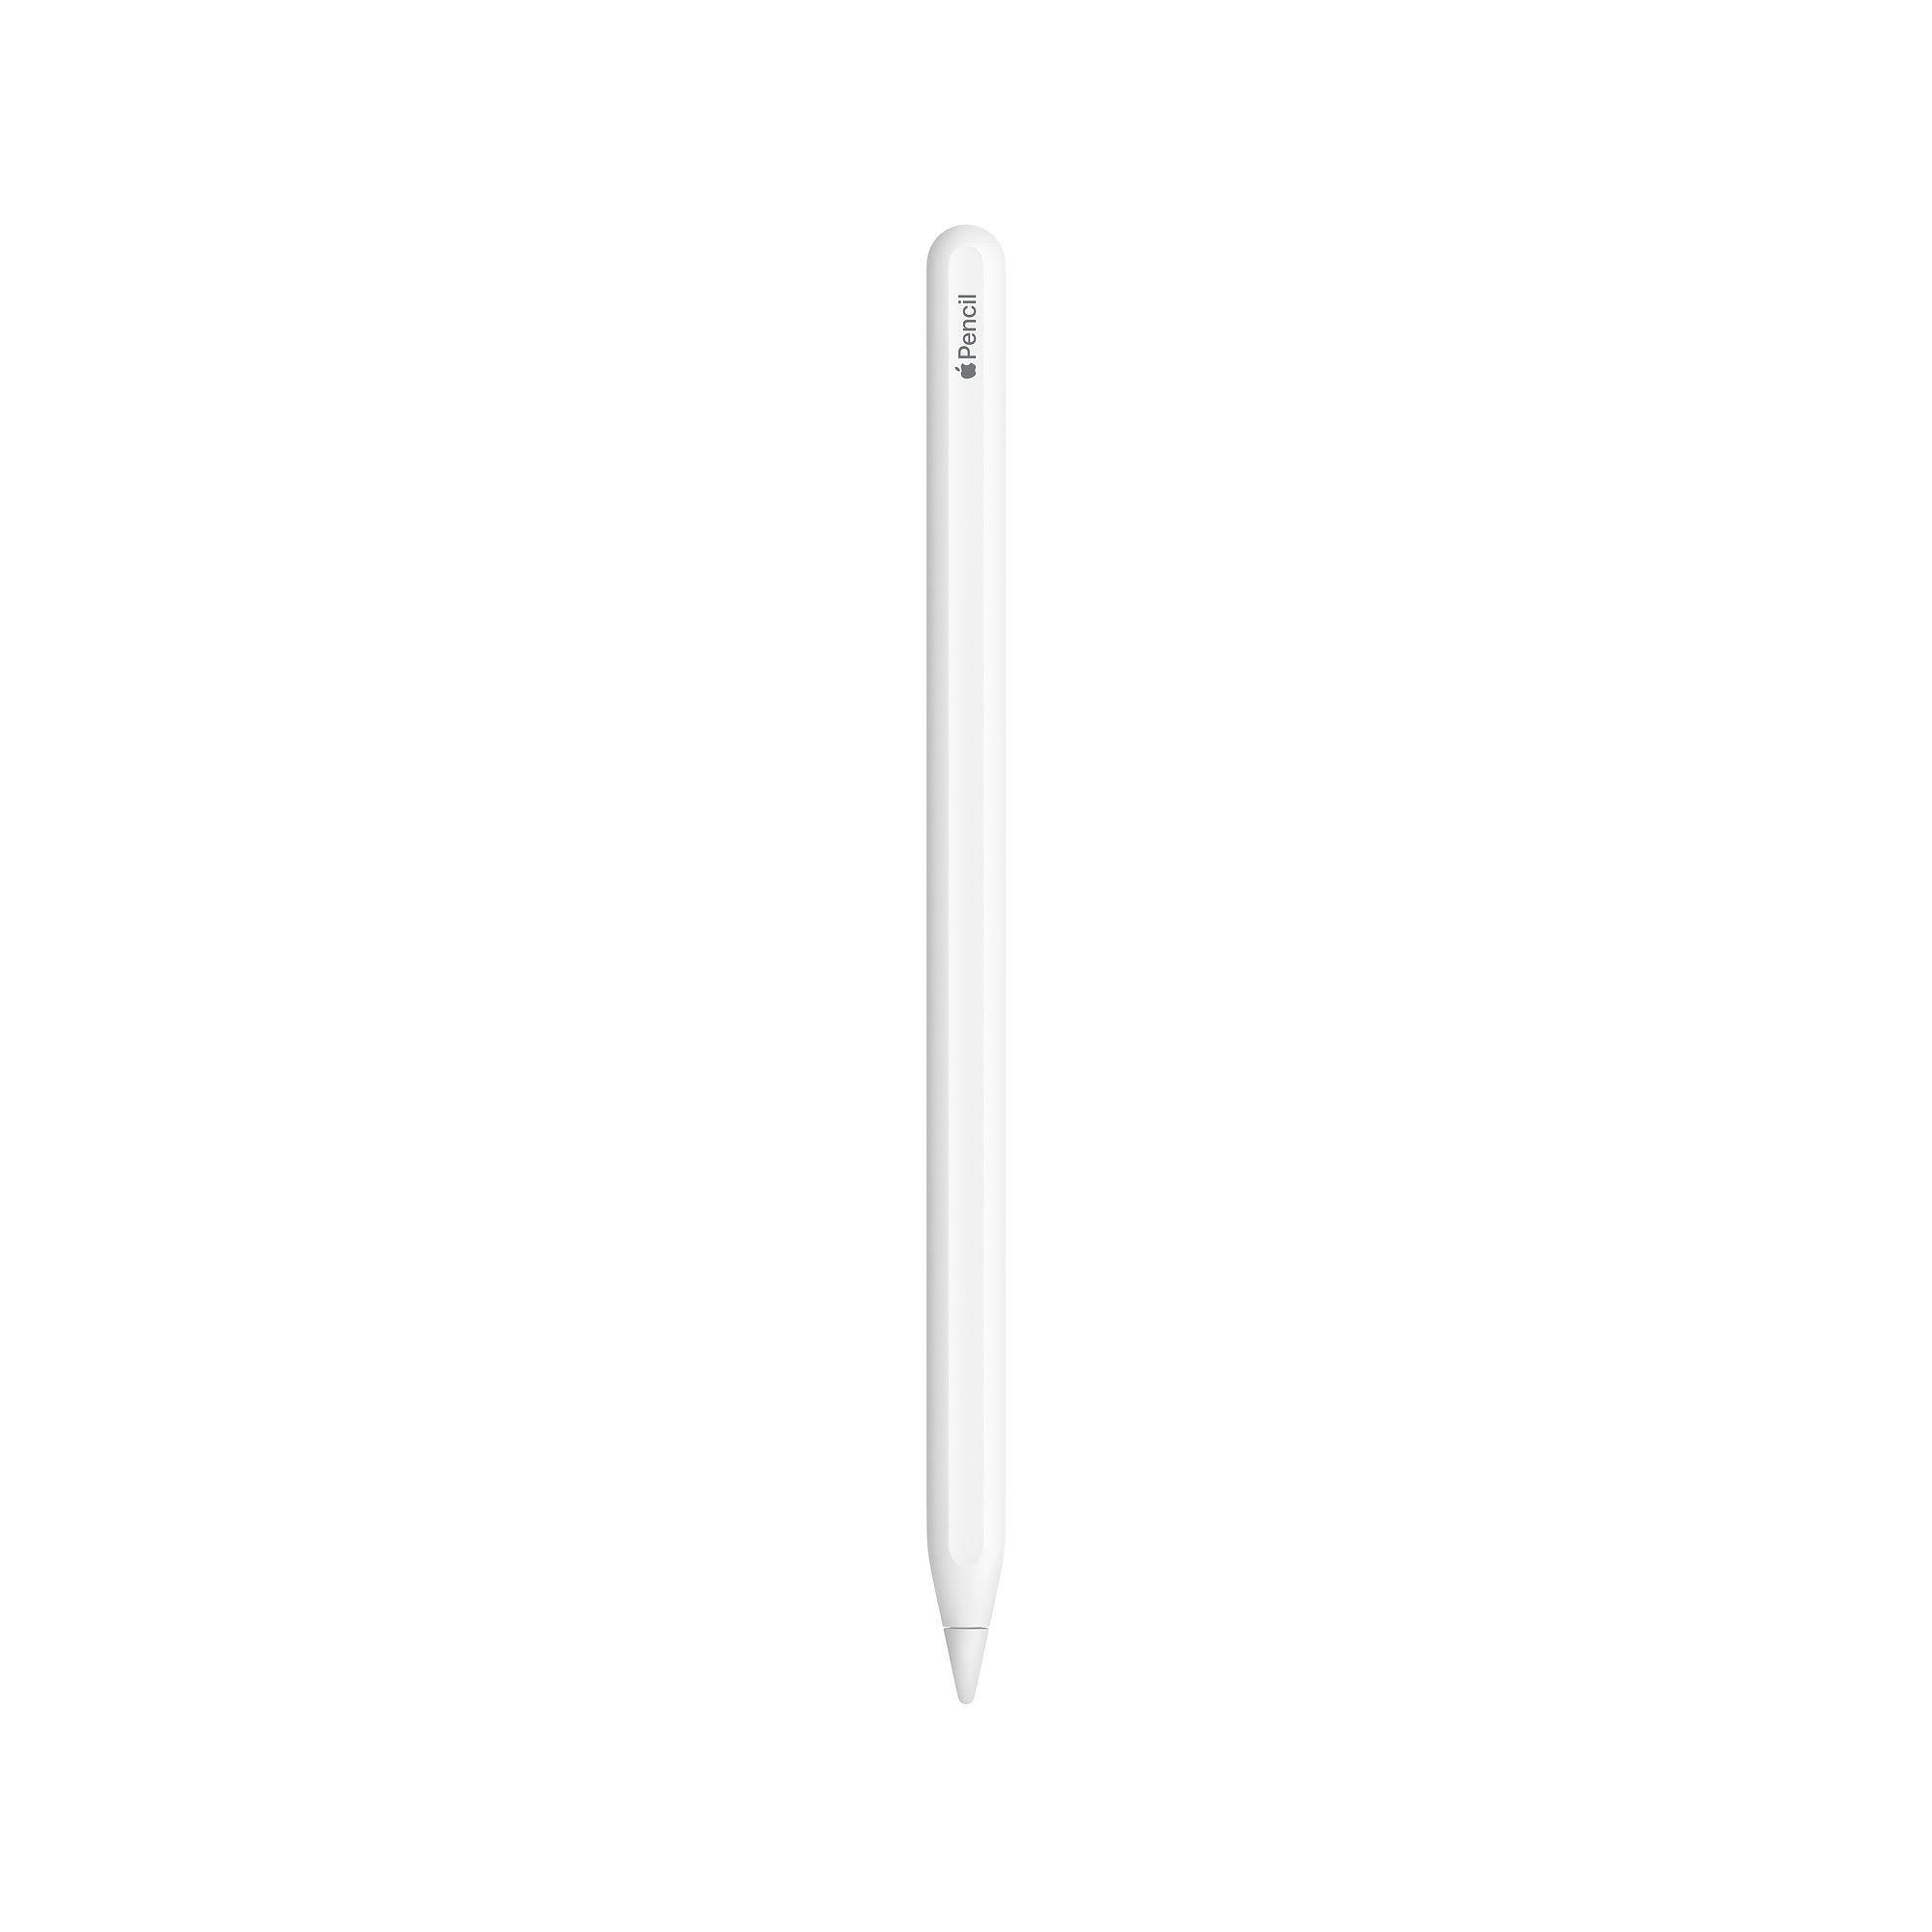 Caneta Apple Pencil A2051 2ª Geração P/ipad